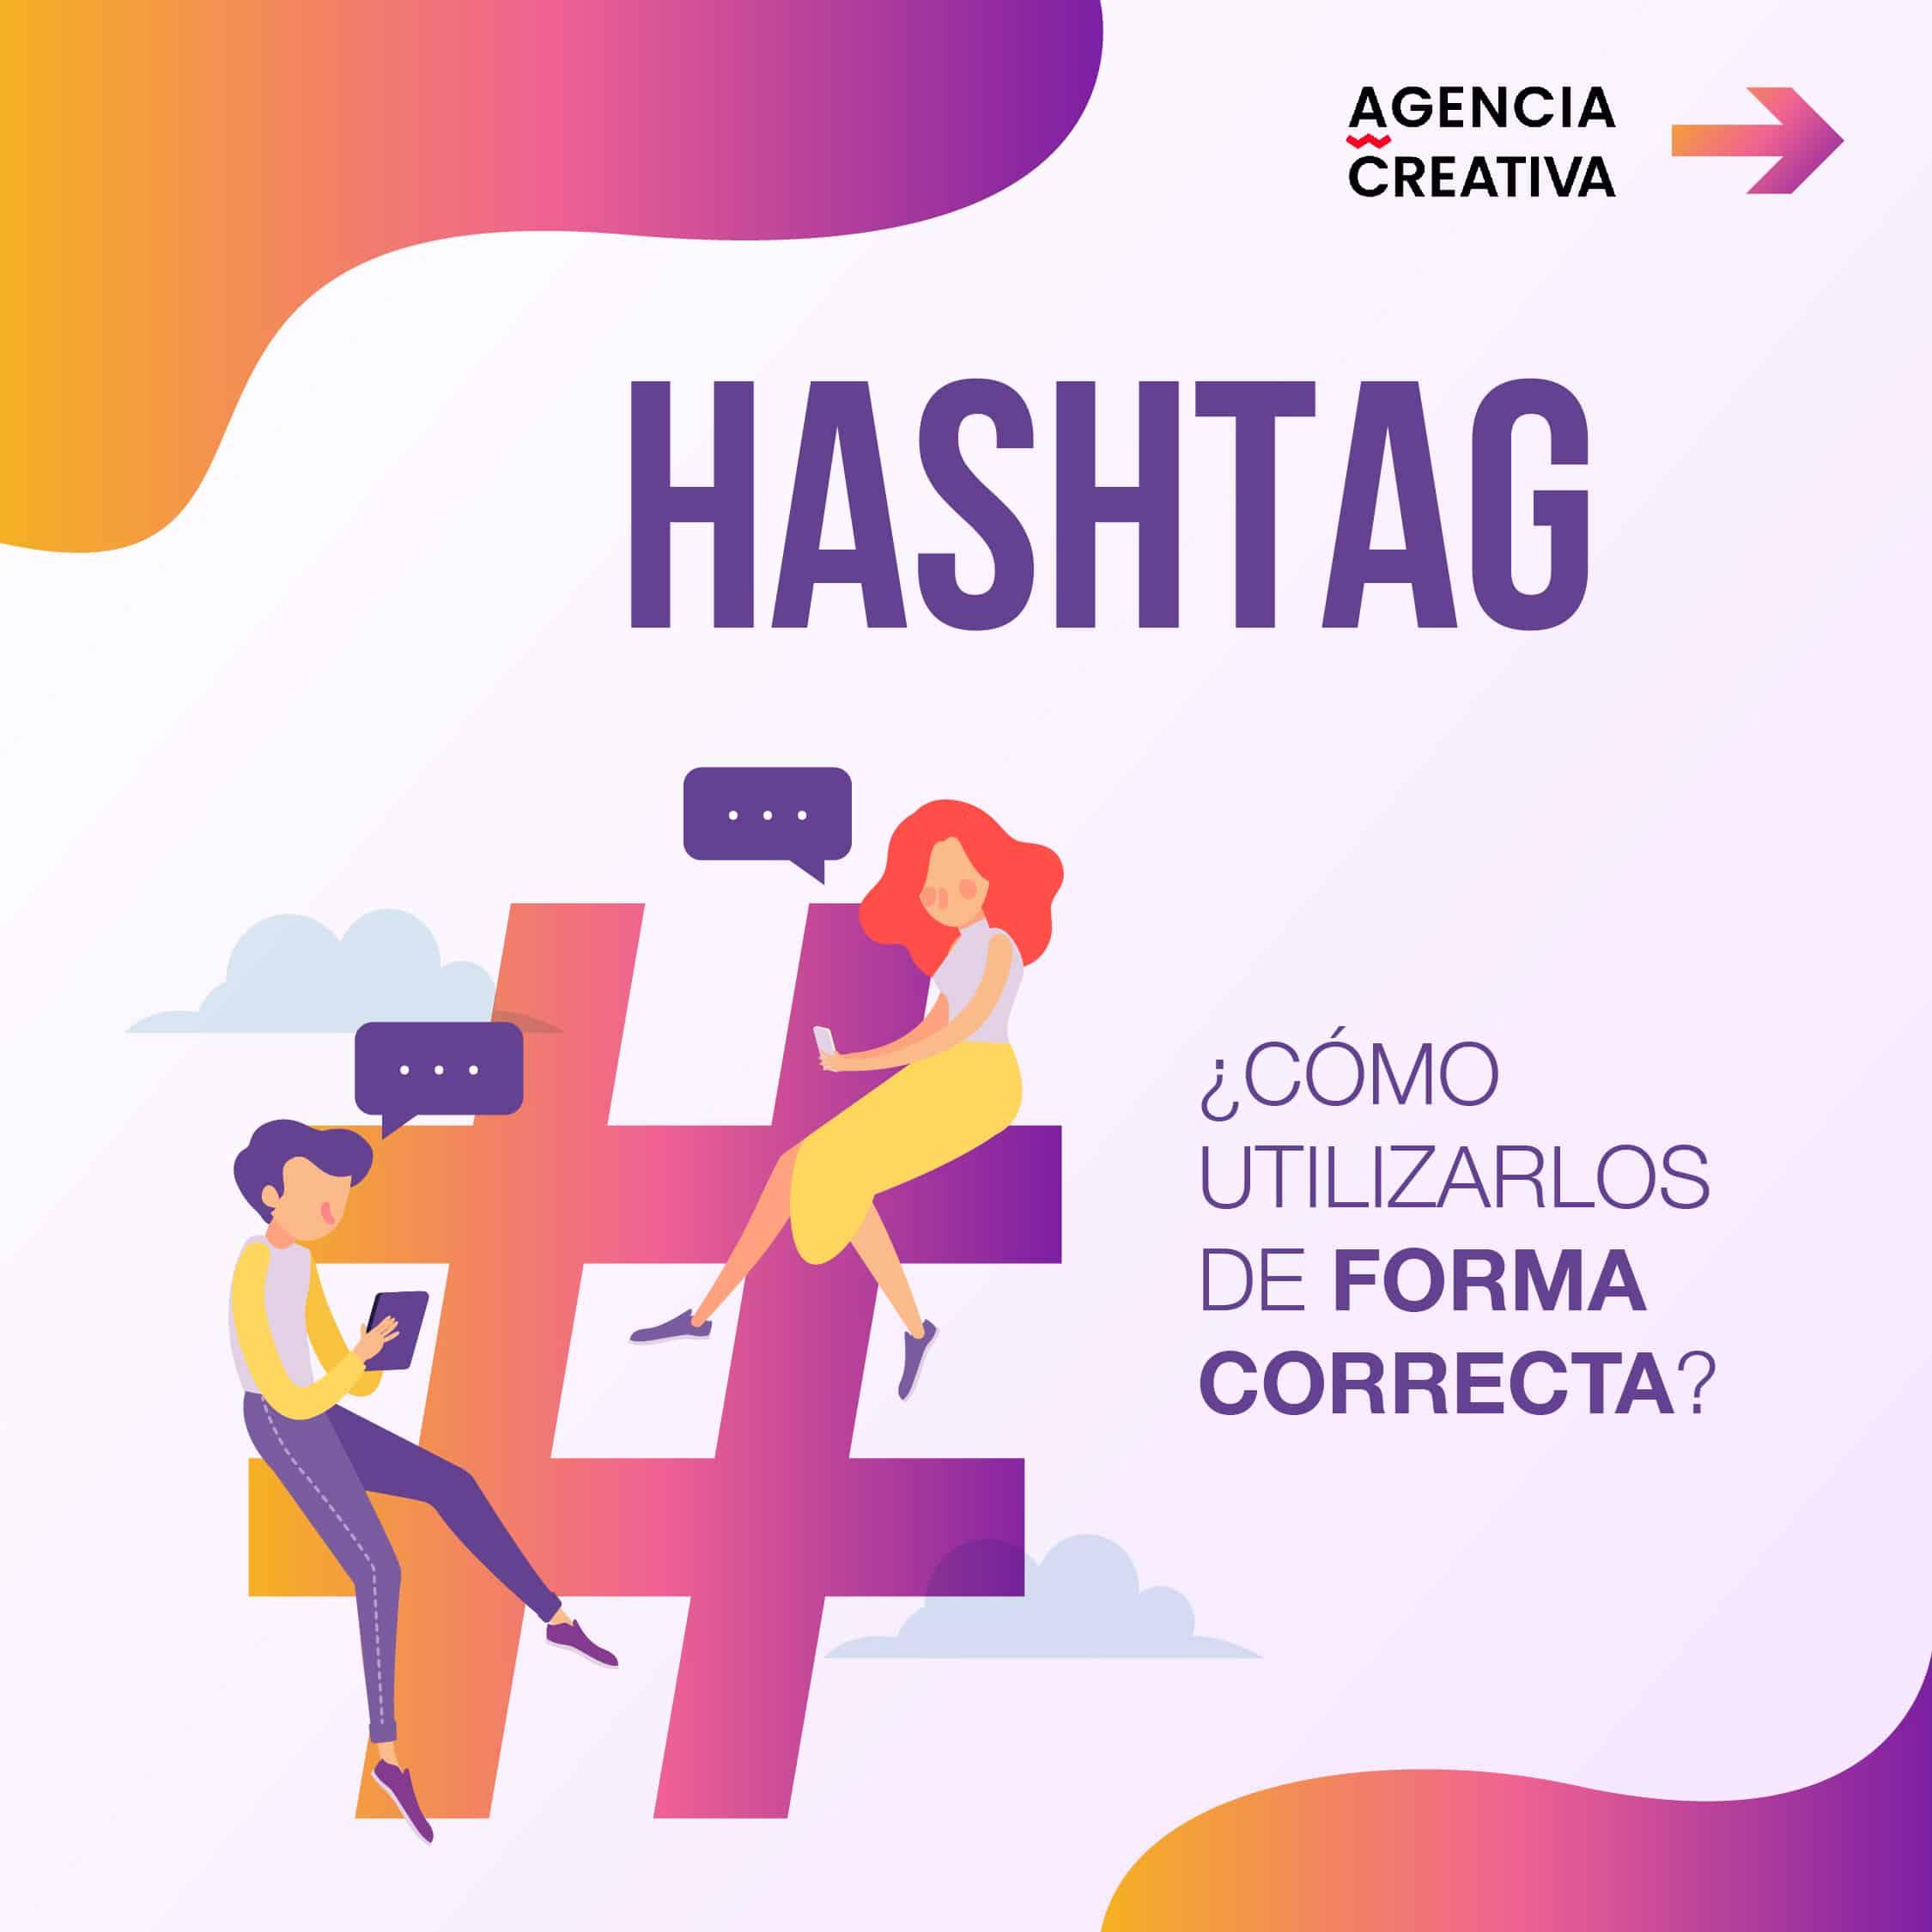 Cómo utilizar los hashtags de forma correcta